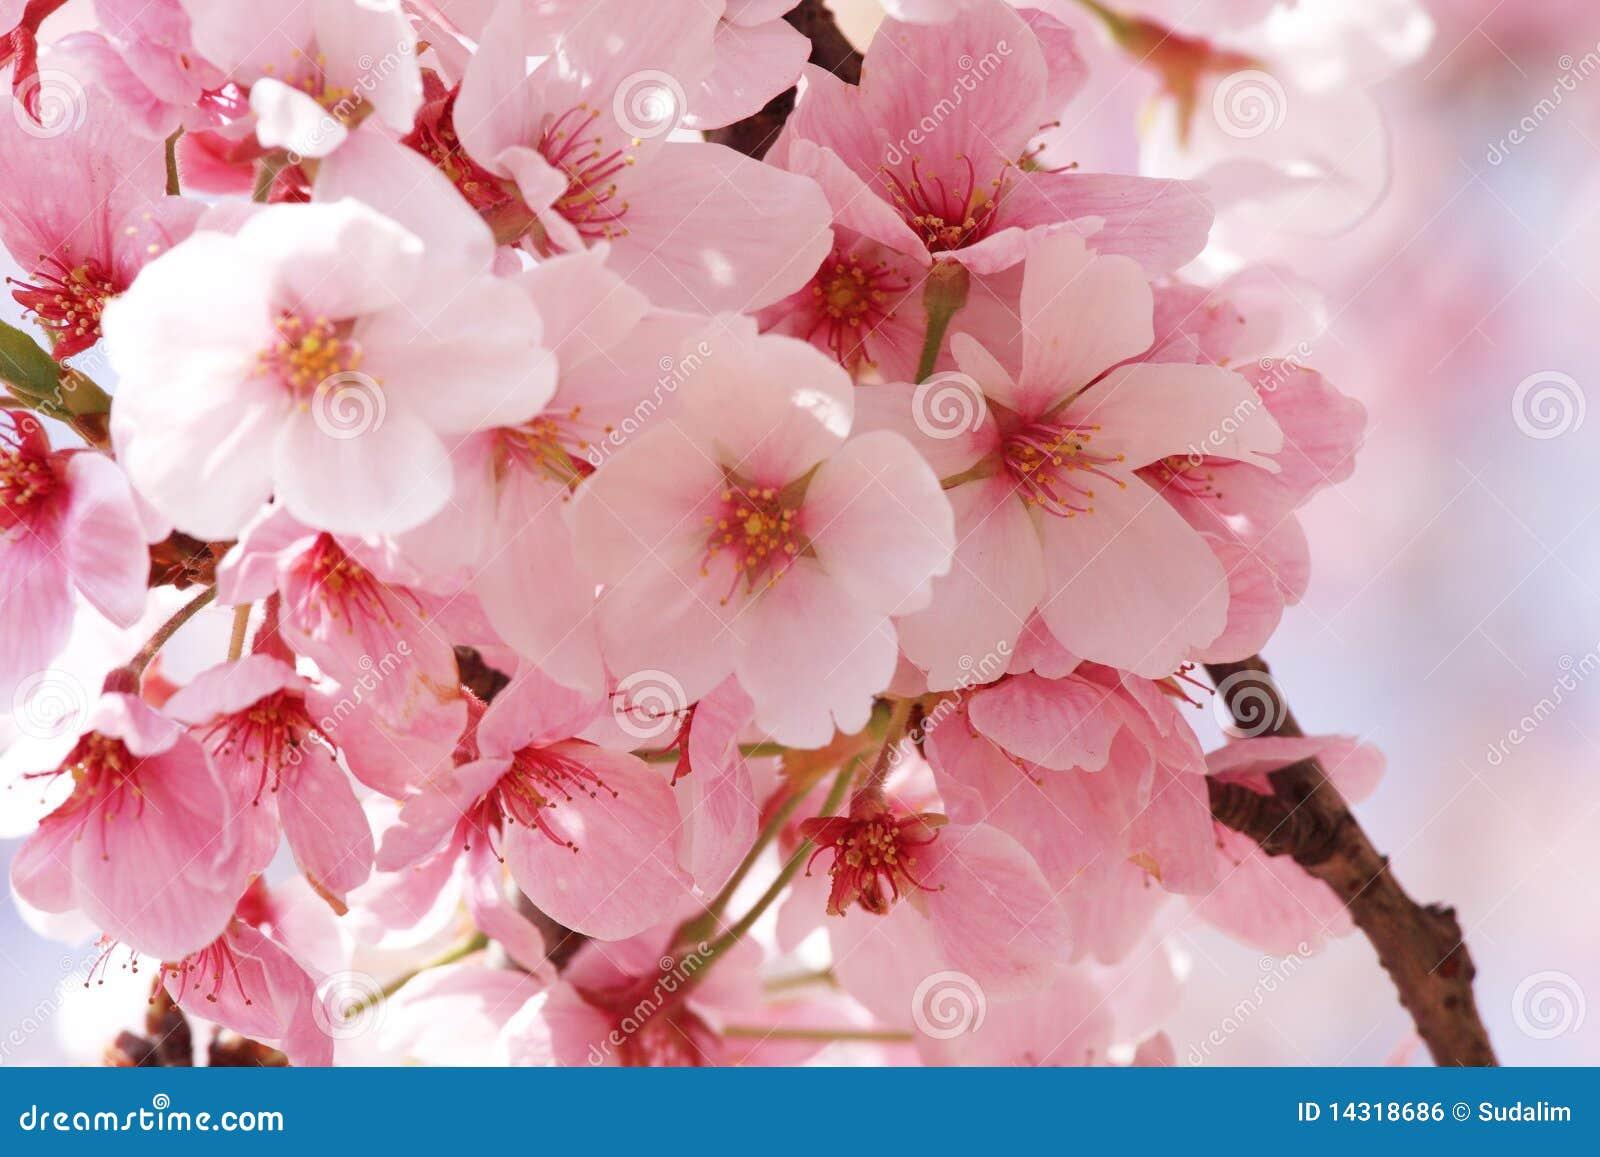 Sakura flower stock photo image 47604454 flower sakura royalty free stock image dhlflorist Images